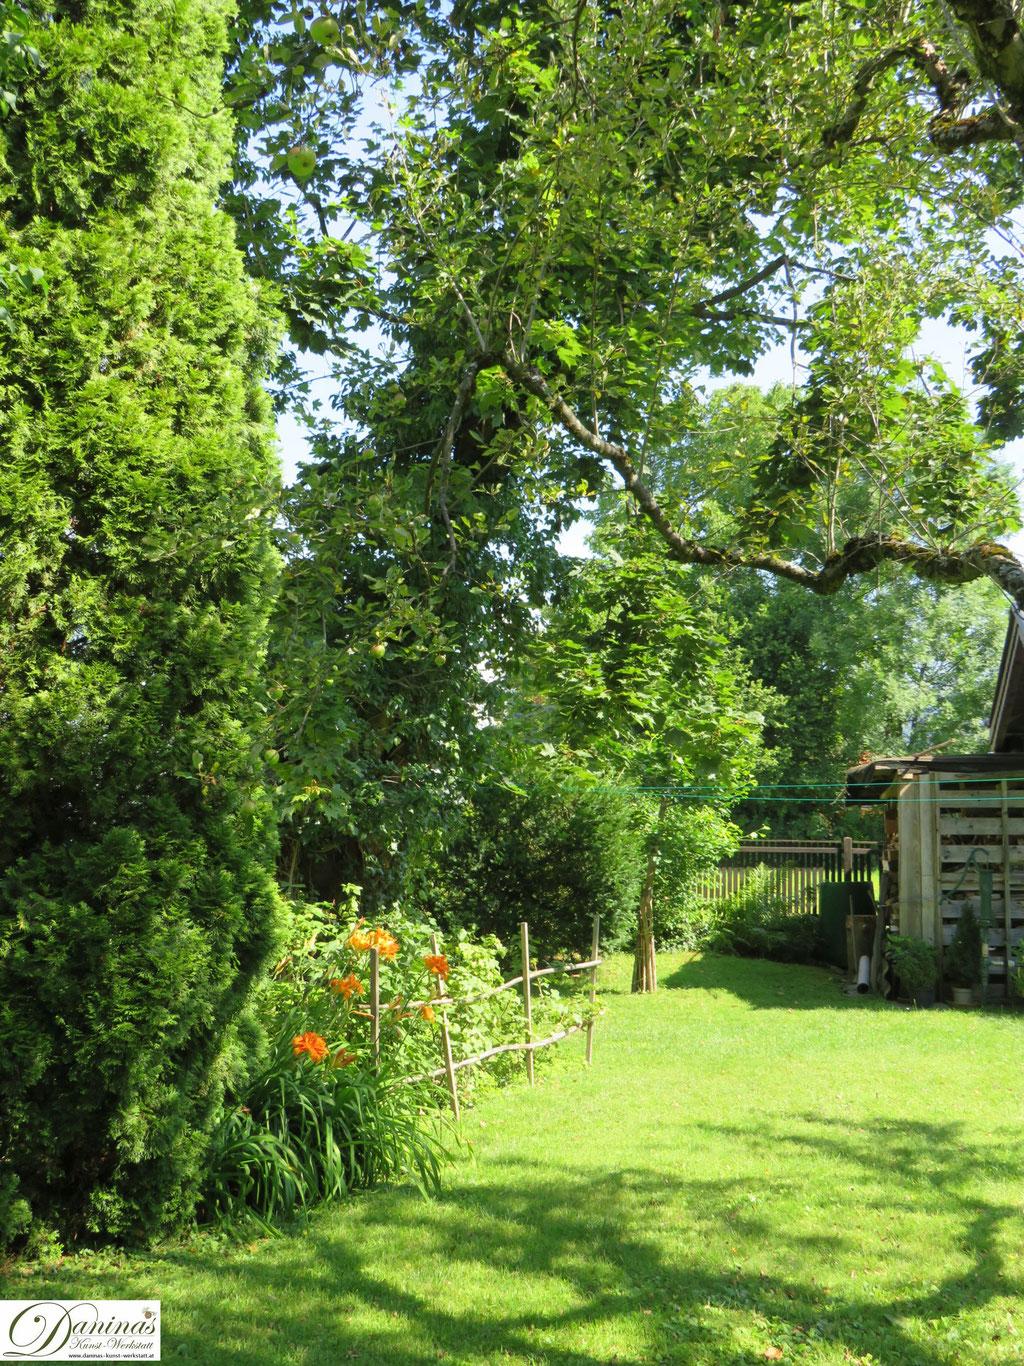 Saftiges Grün im Sommer Garten